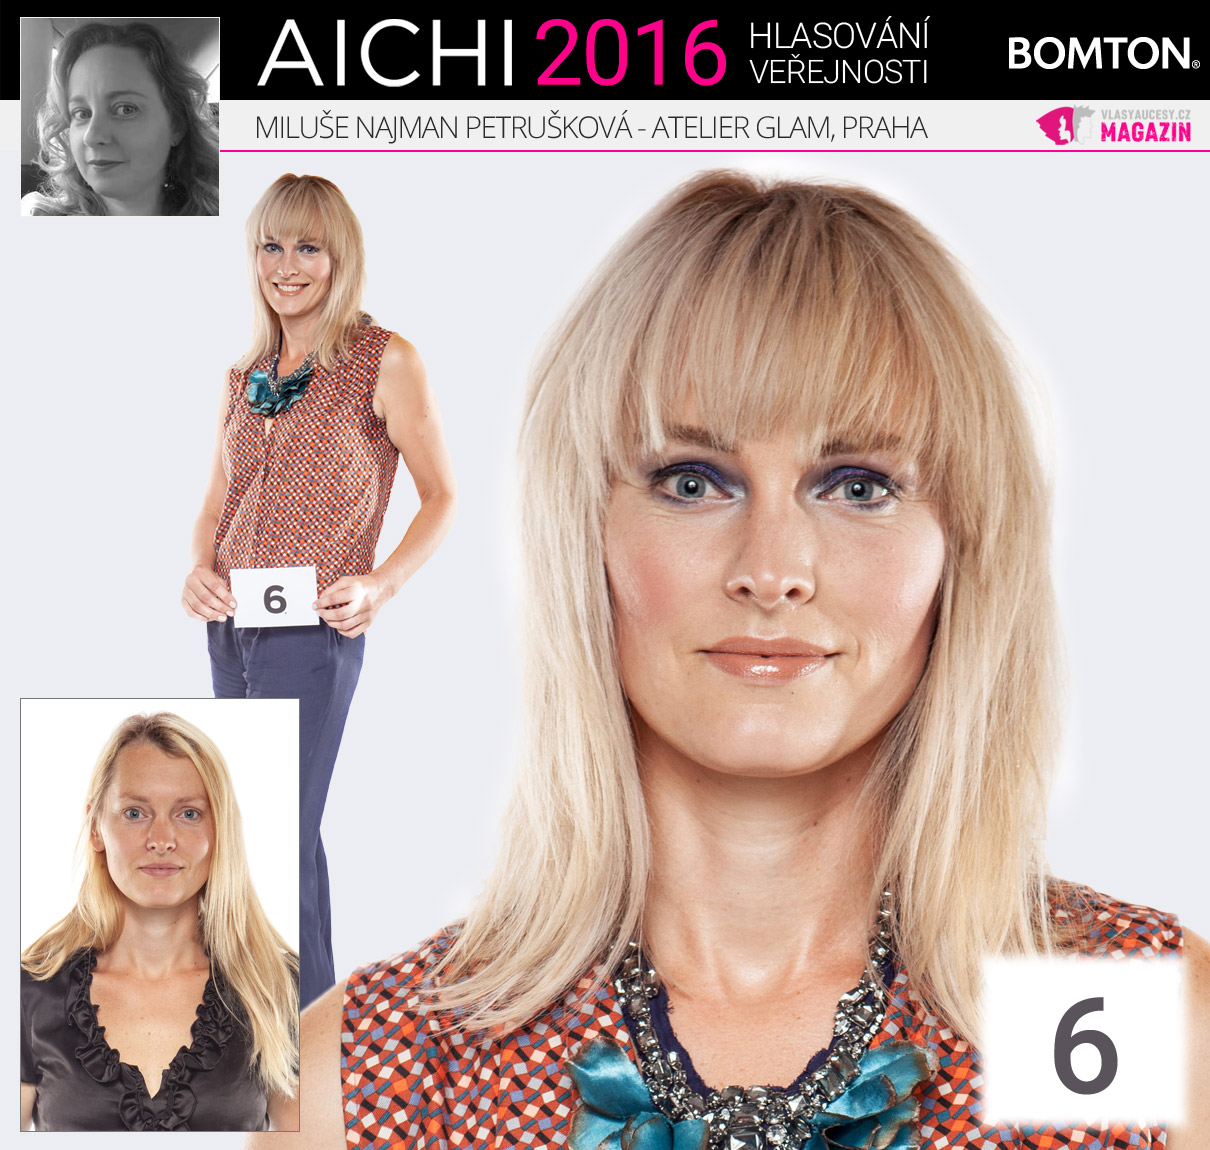 Finálová proměna AICHI 2016: Miluše Najman Petrušková, Atelier Glam, Praha